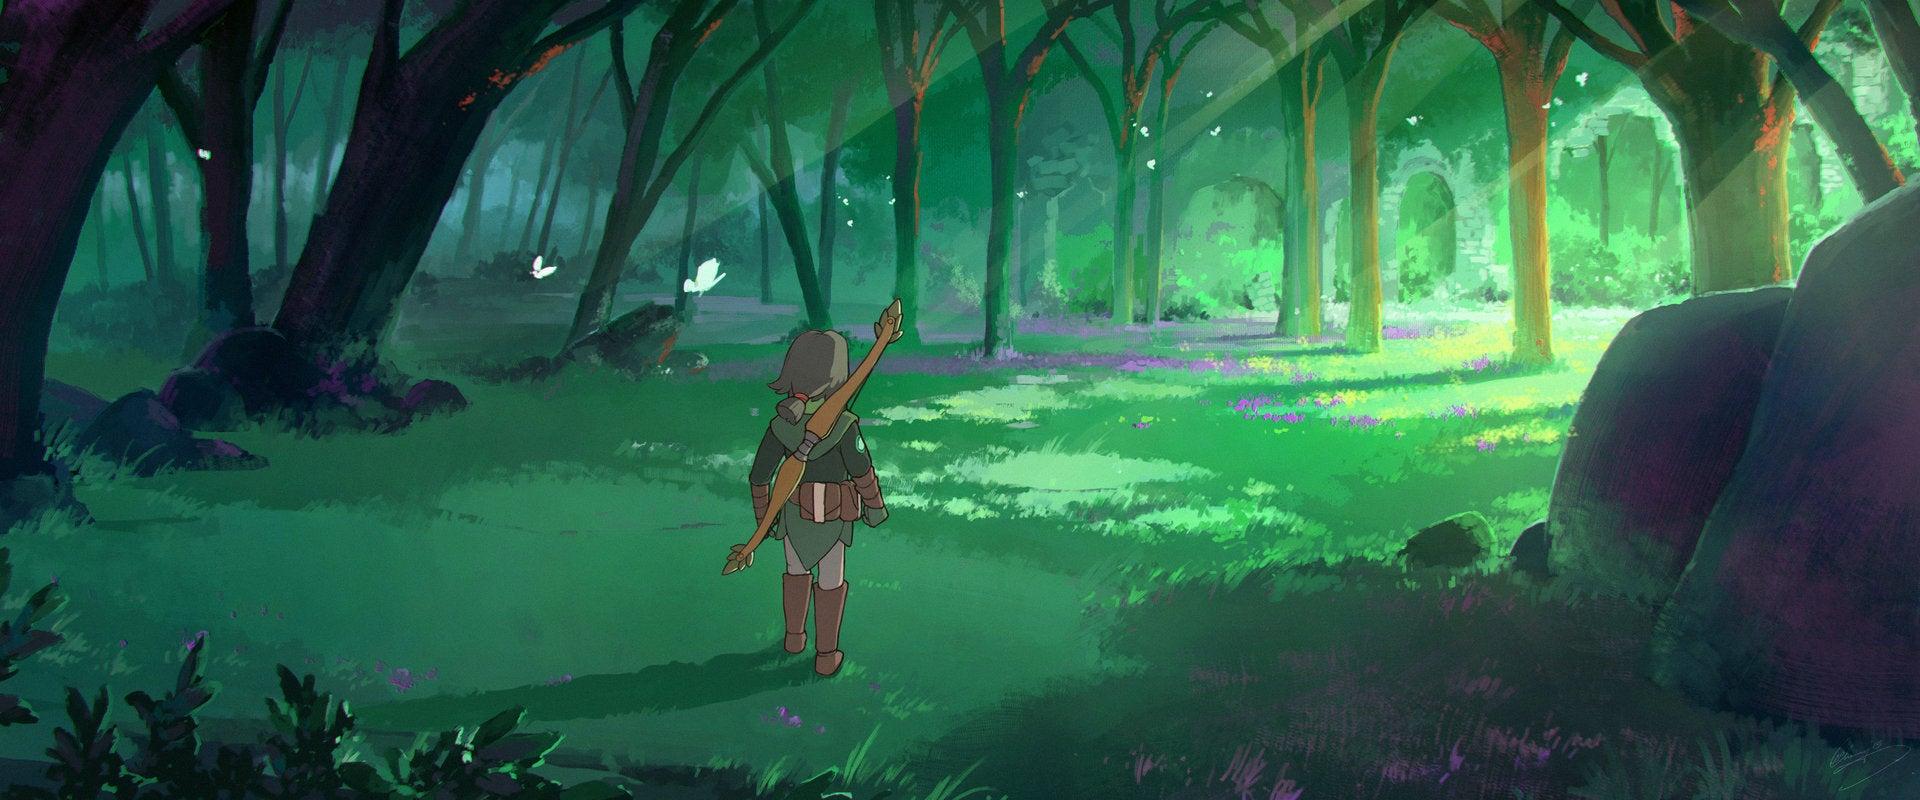 The Witcher 3 x Ni No Kuni = ❤❤❤